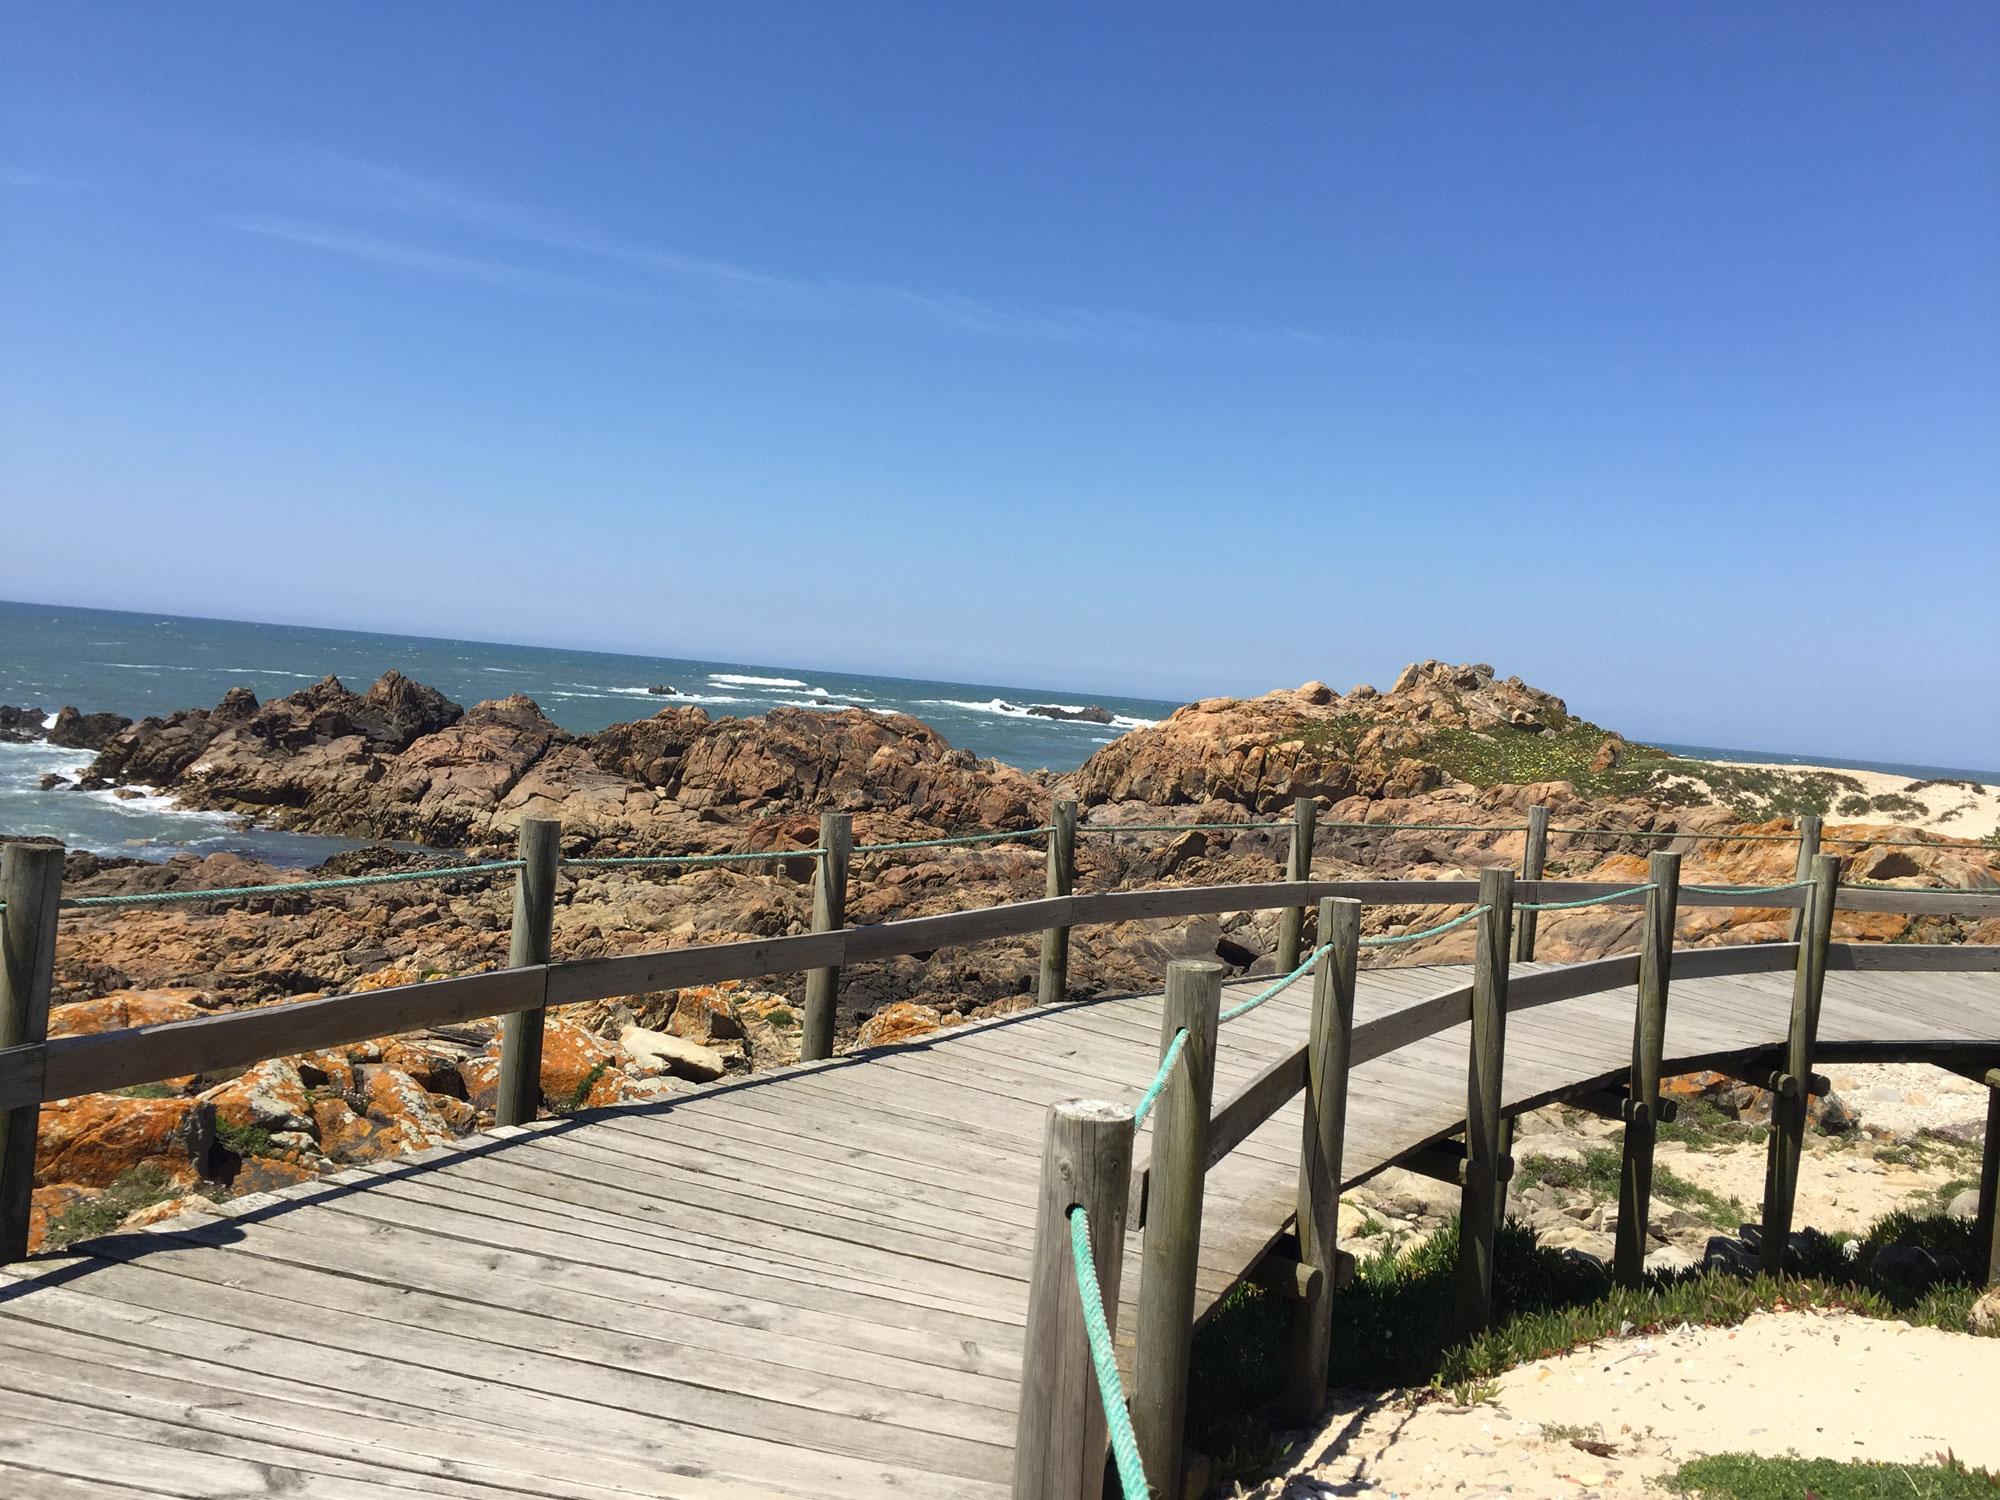 Weg auf Holzplanken bei Matosinhos